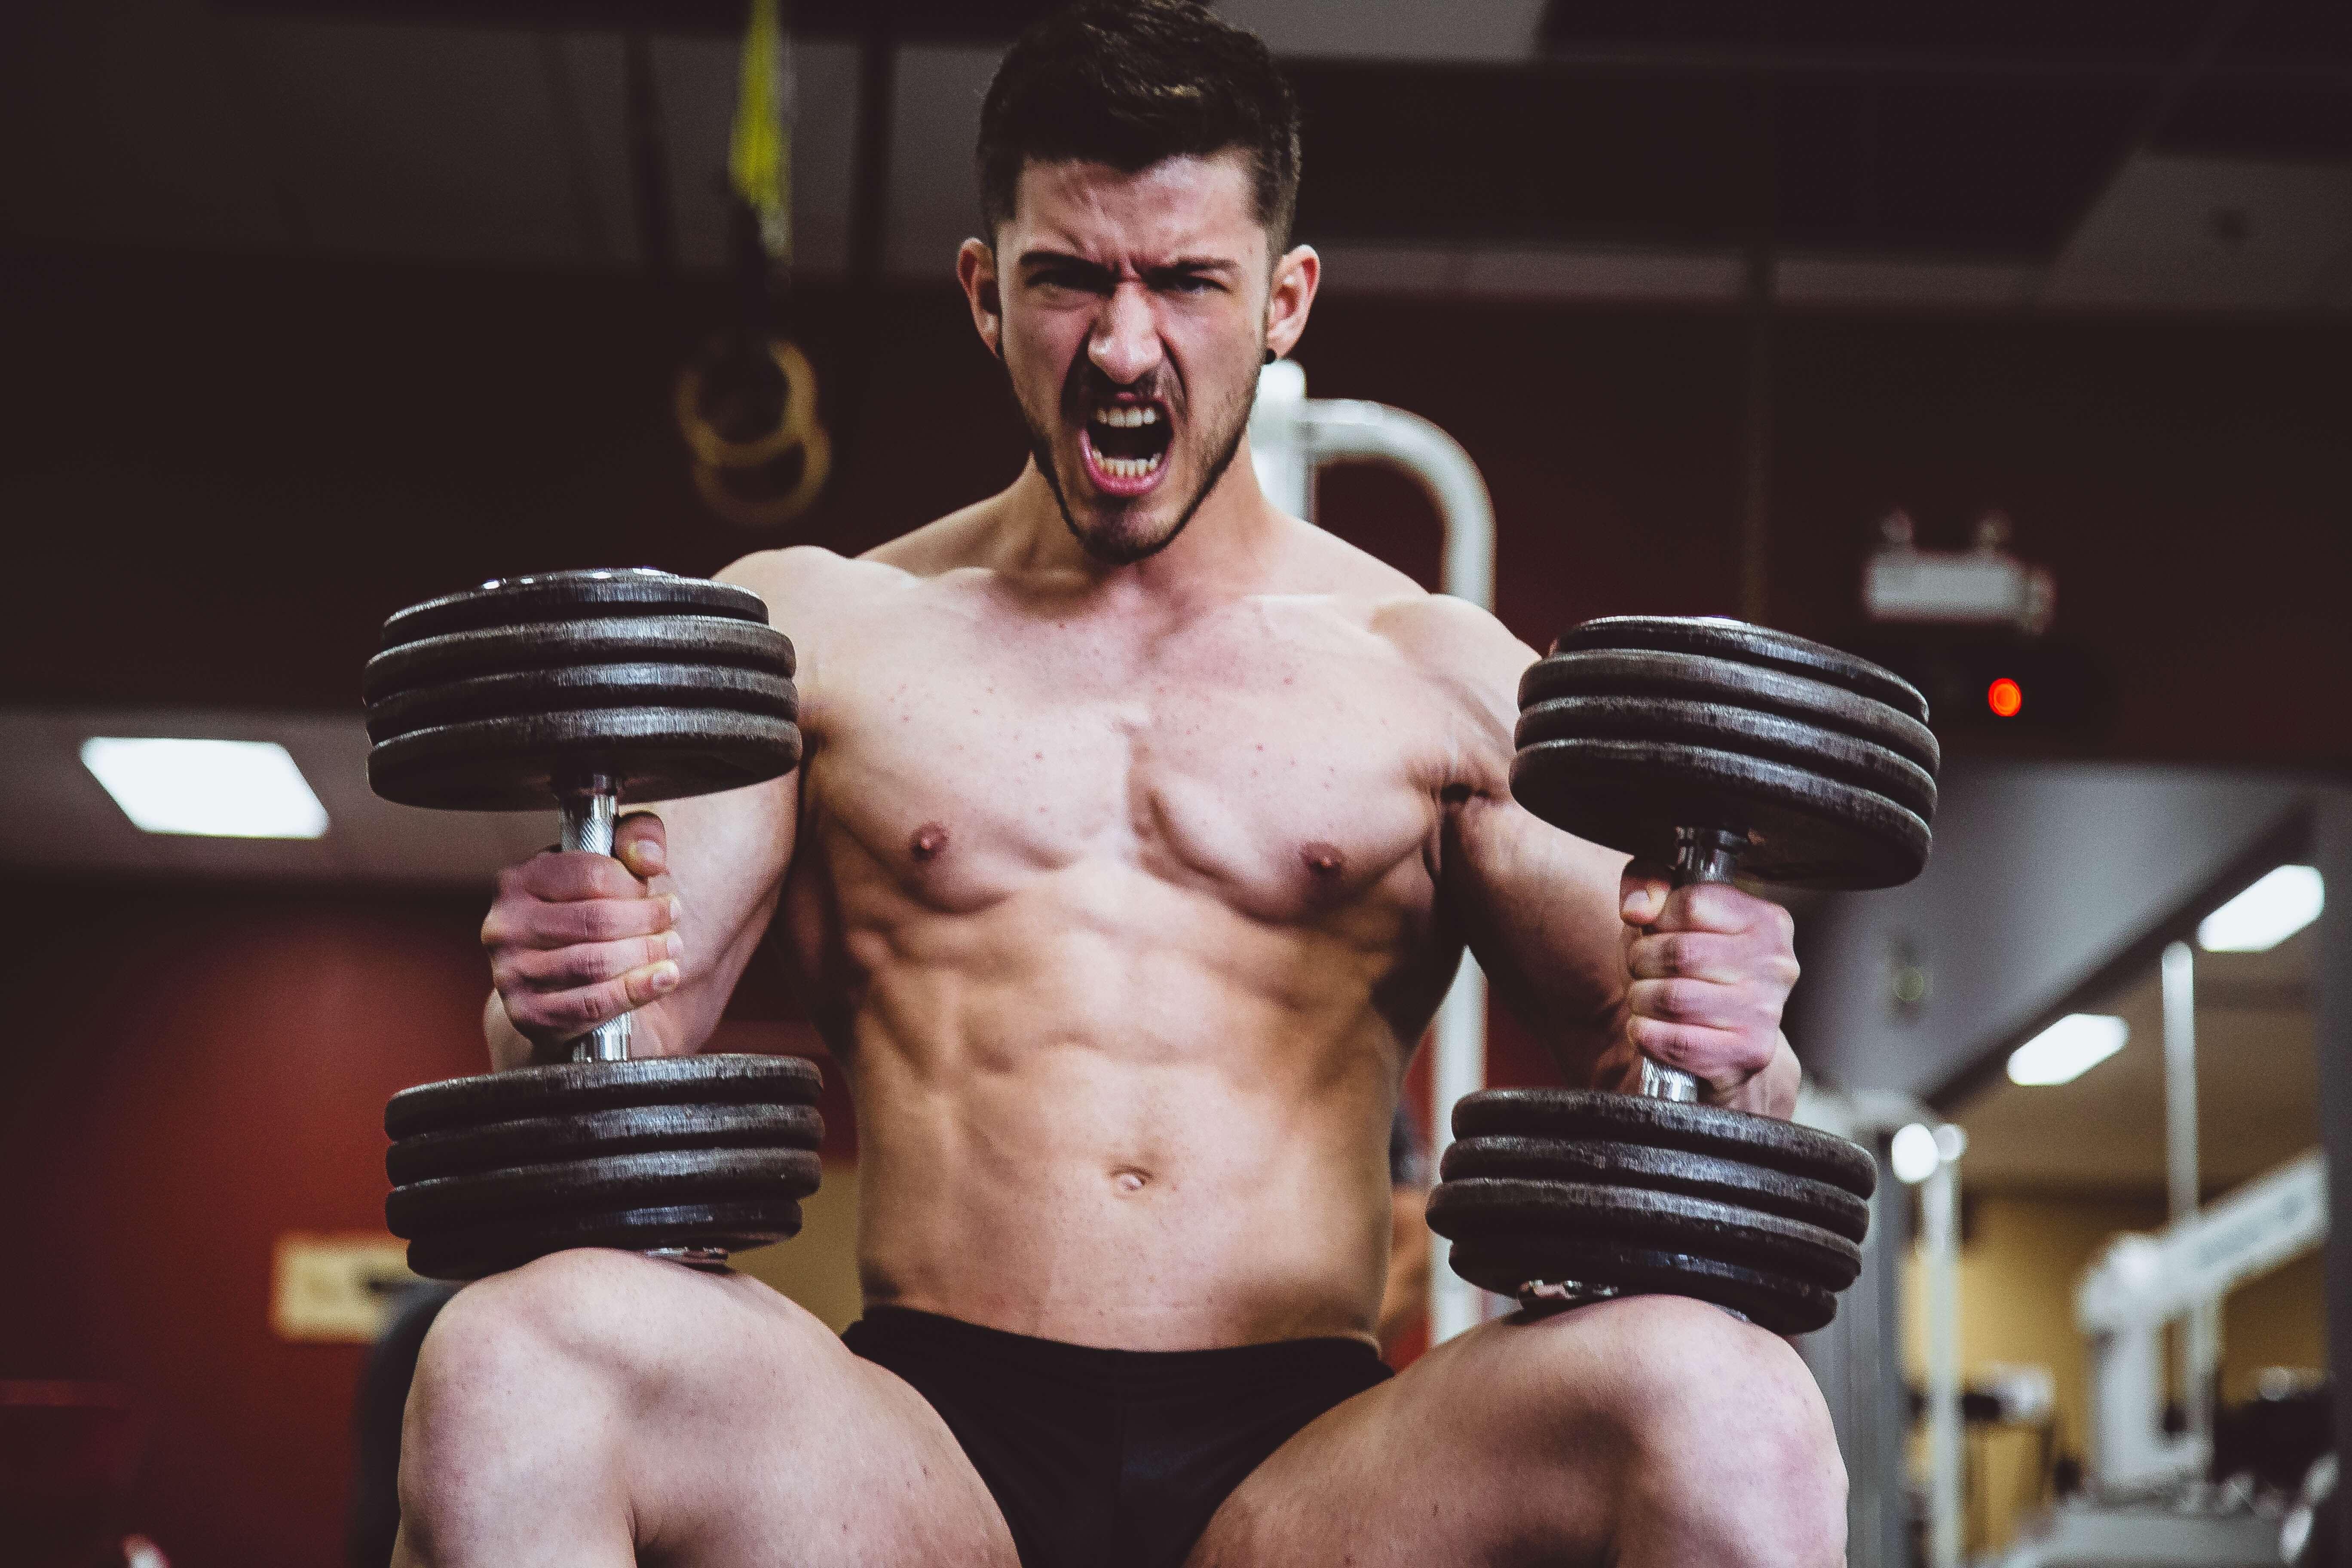 Les bonnes pratiques quand on fait de la musculation